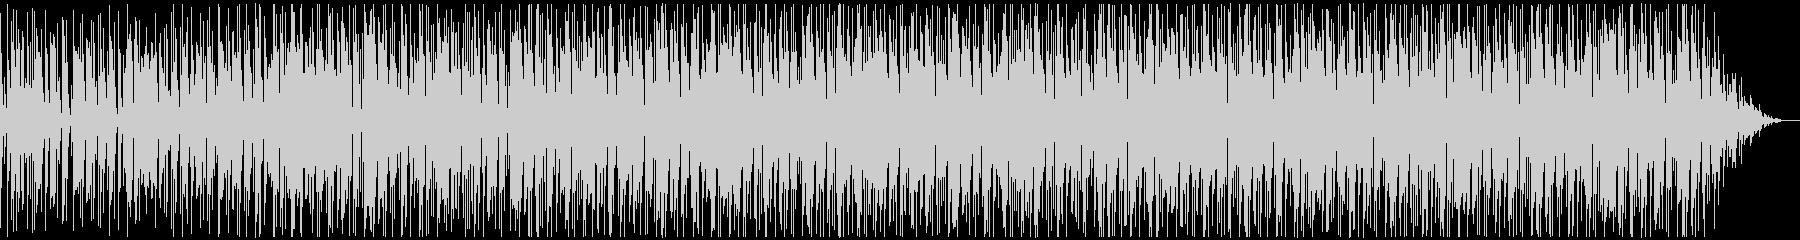 80'sディスコ風のファンキーなBGMの未再生の波形